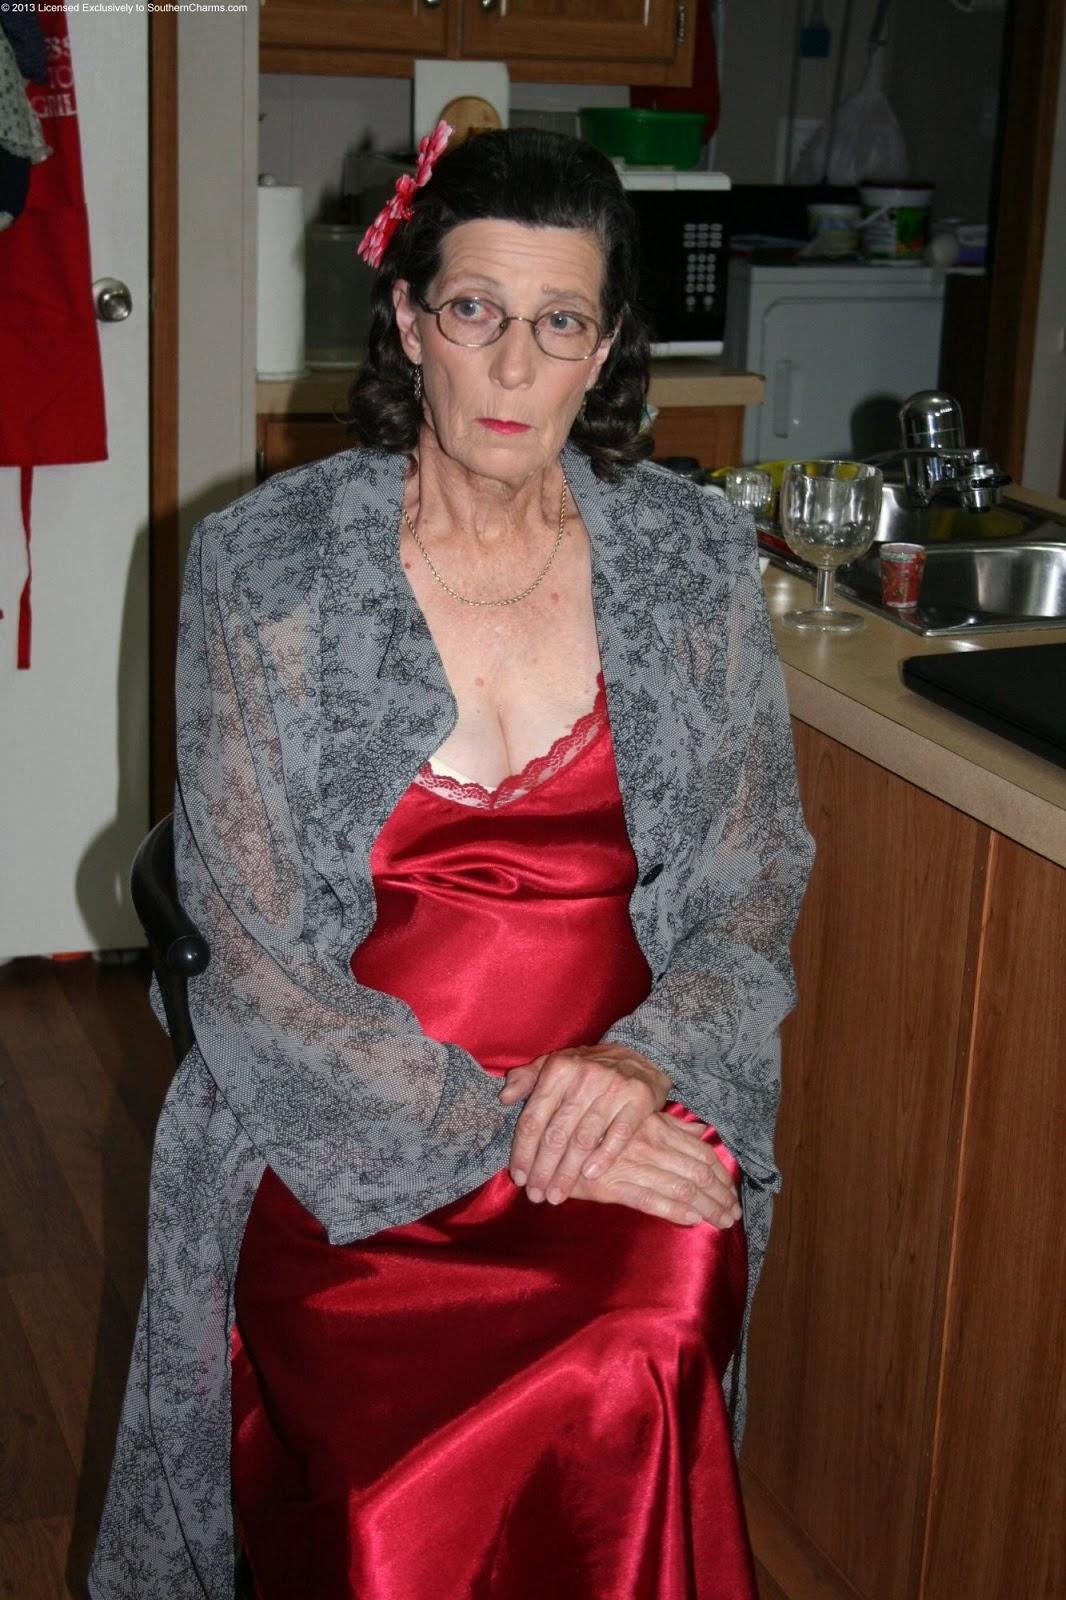 Granny ia a webcam r20 - 1 8